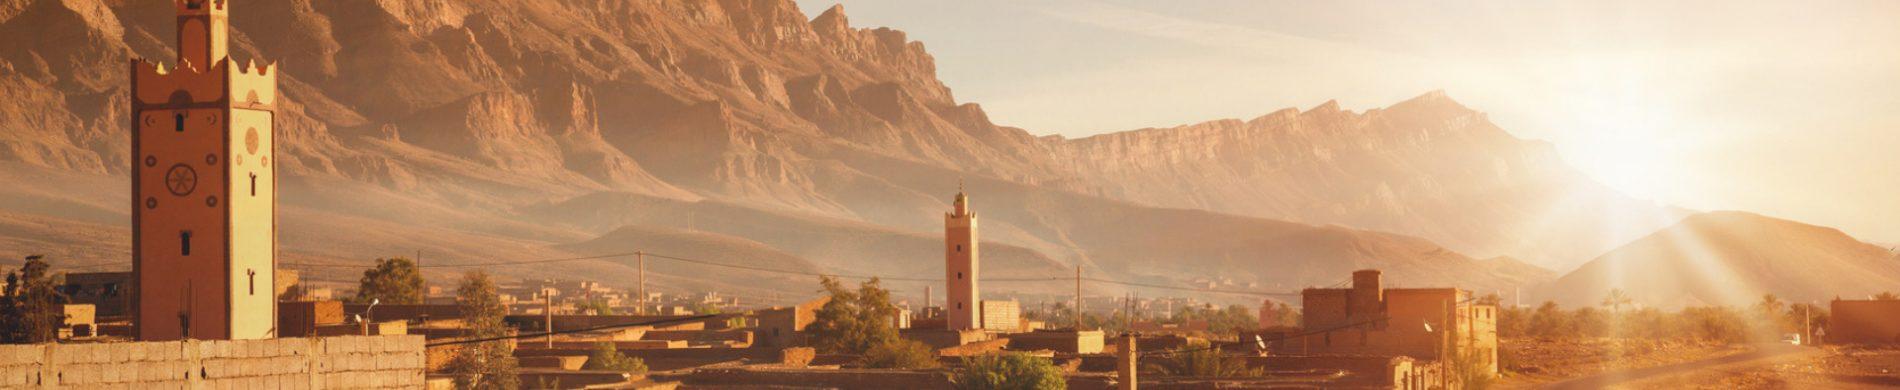 Destination : Maroc - Les matins du monde